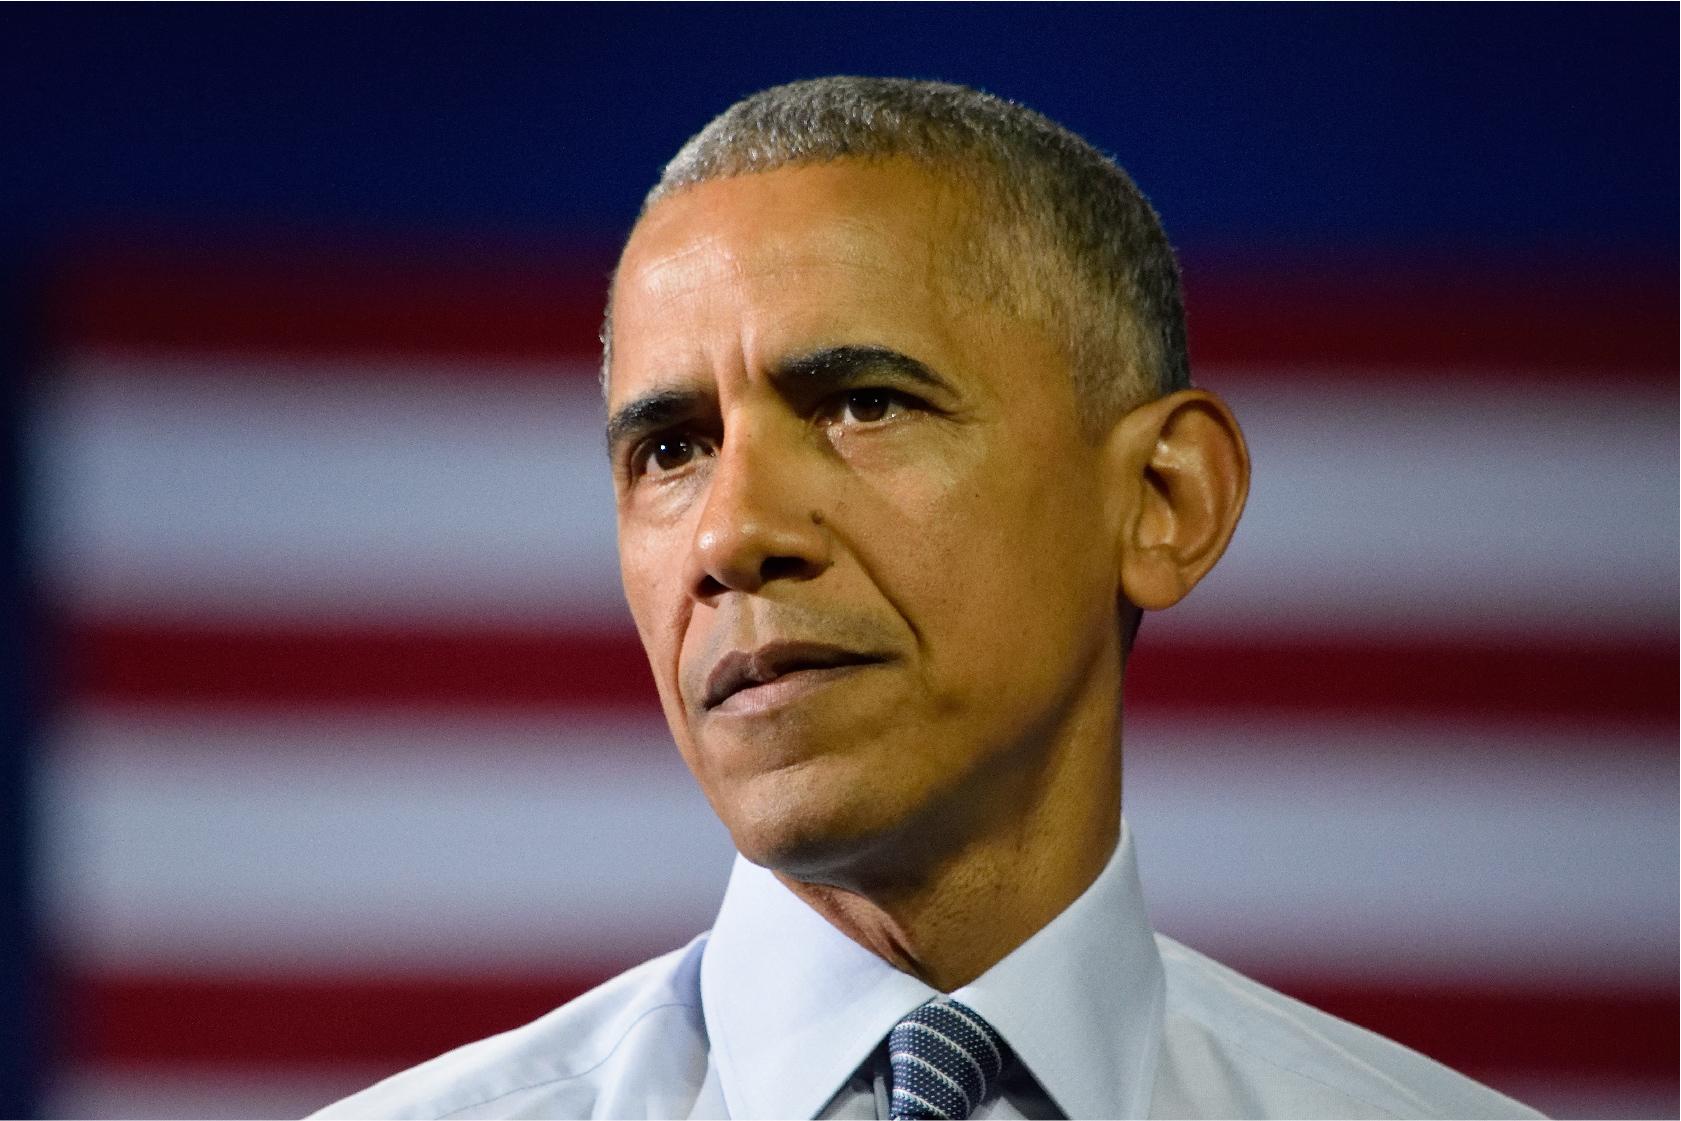 前總統歐巴馬的自白|美國將再次偉大?從讀逐字稿看端倪